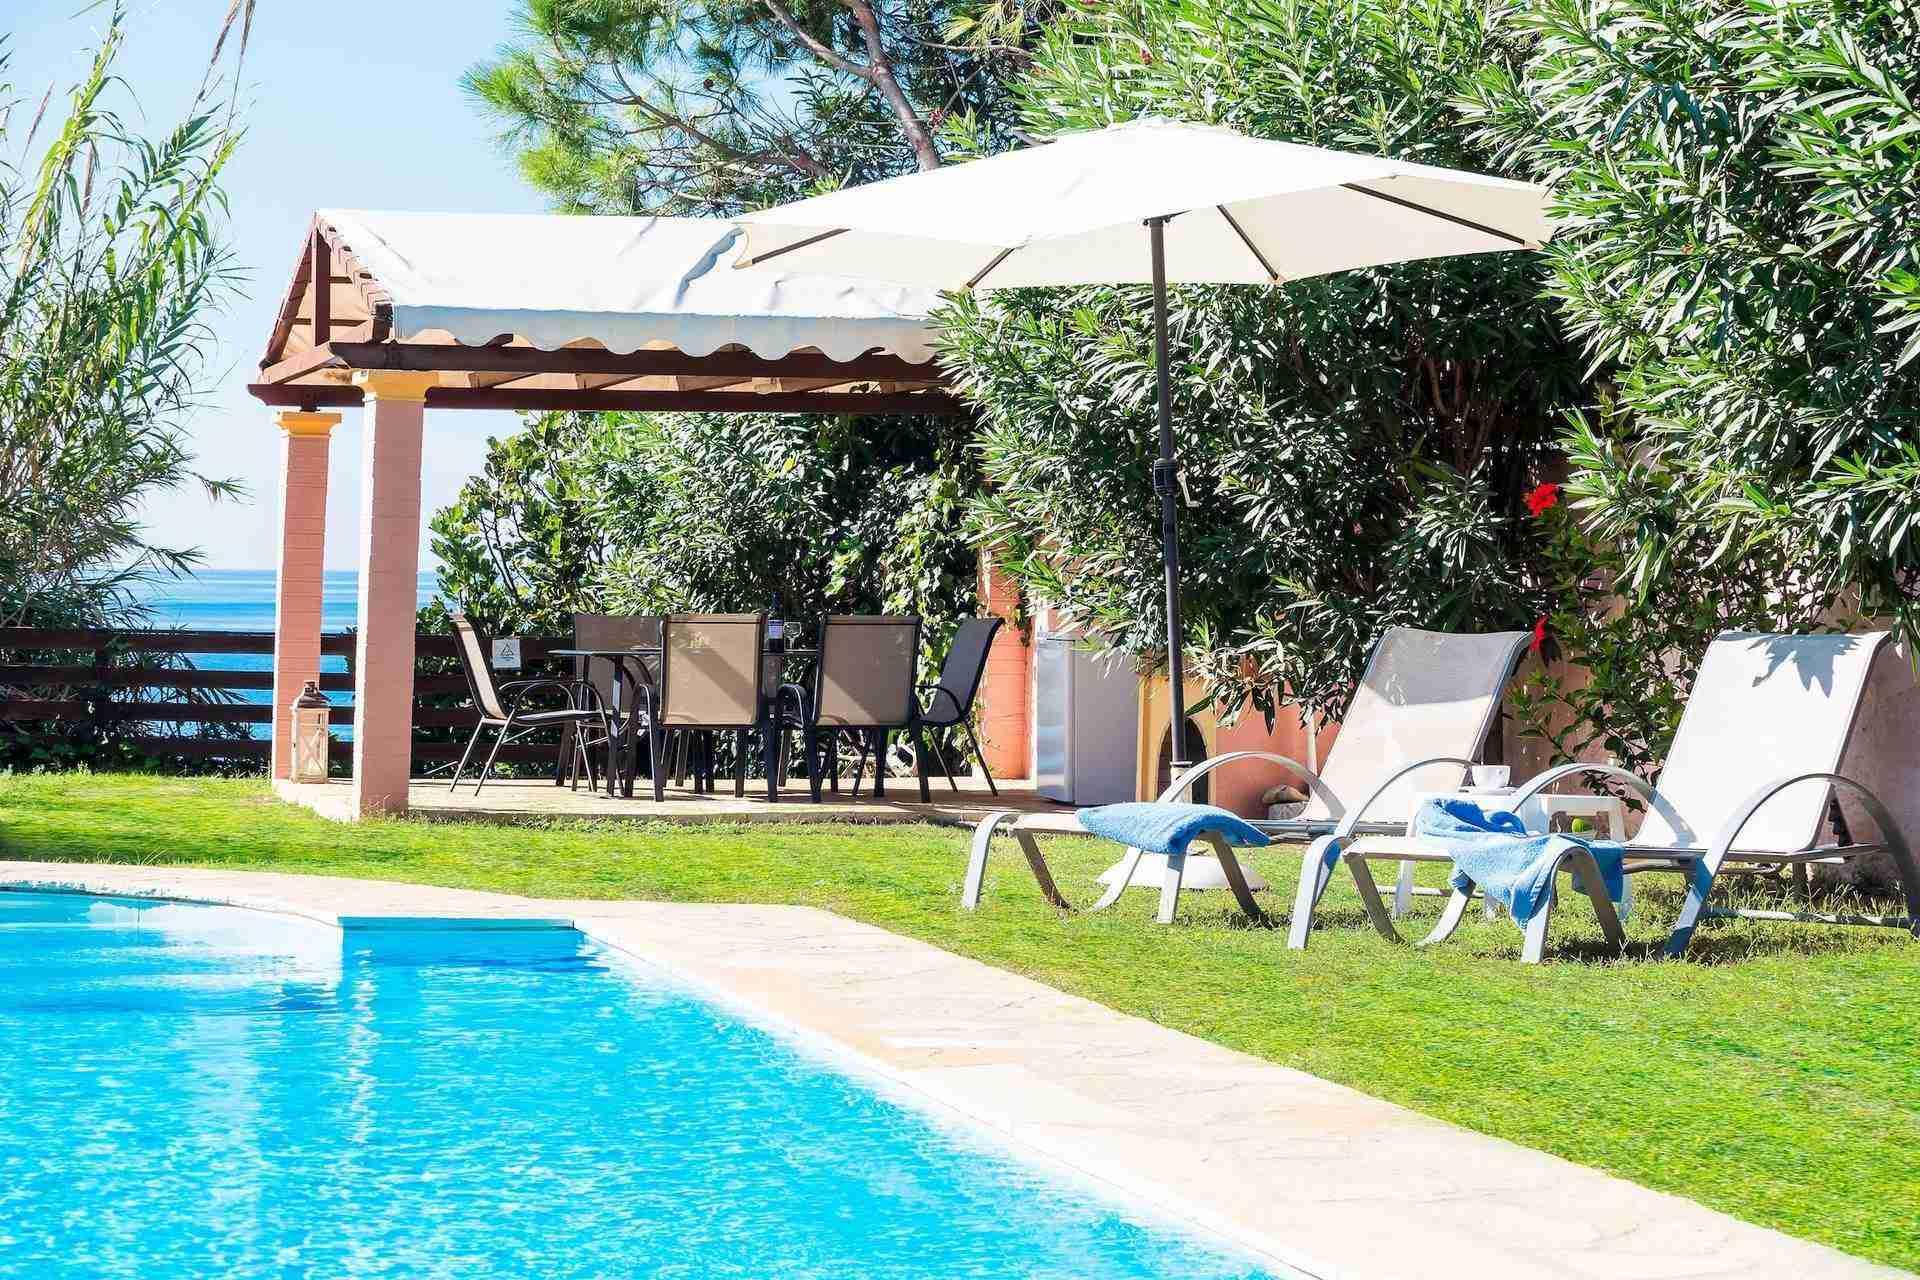 3 Athena Pool